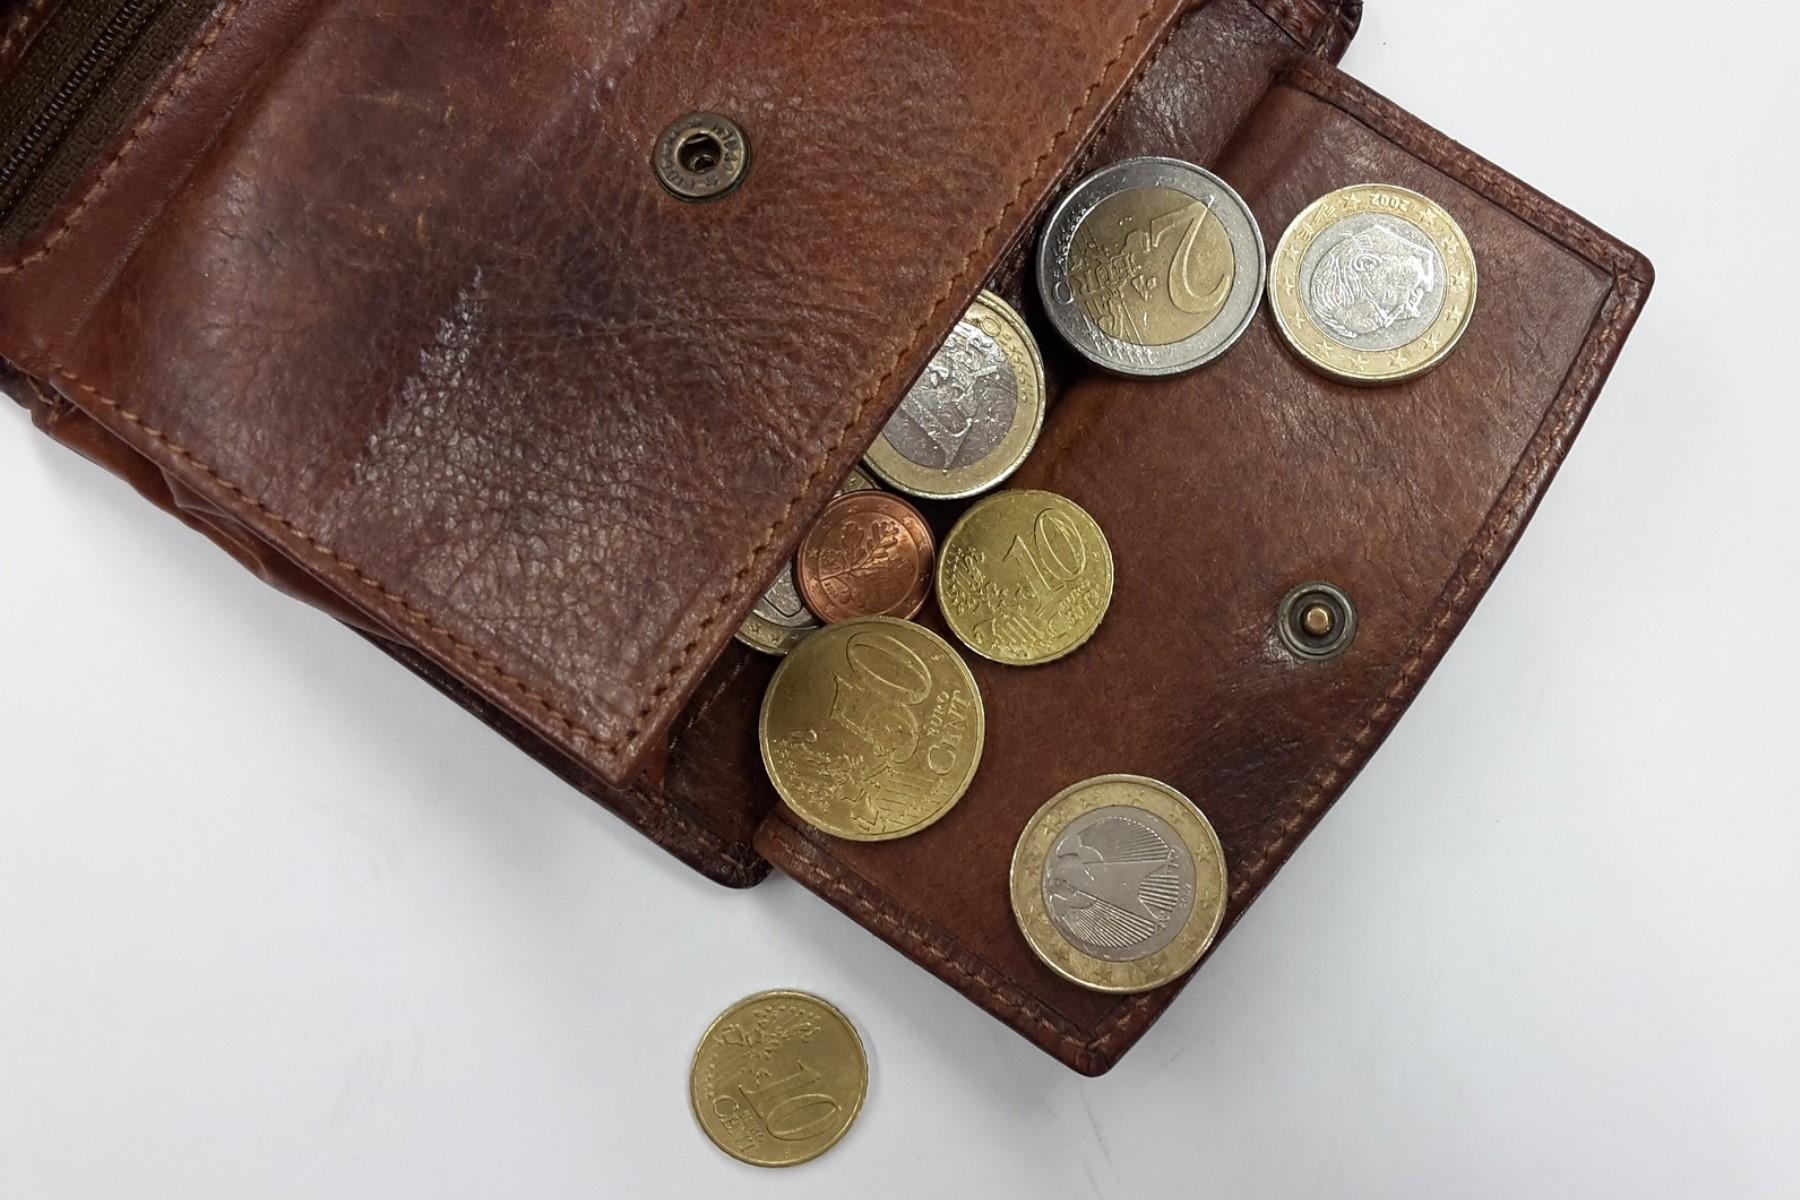 Anfrage | Unbedingt erforderliche Geräte für den Haushalt im Rahmen der Sonderleistungen der finanziellen Sozialhilfe